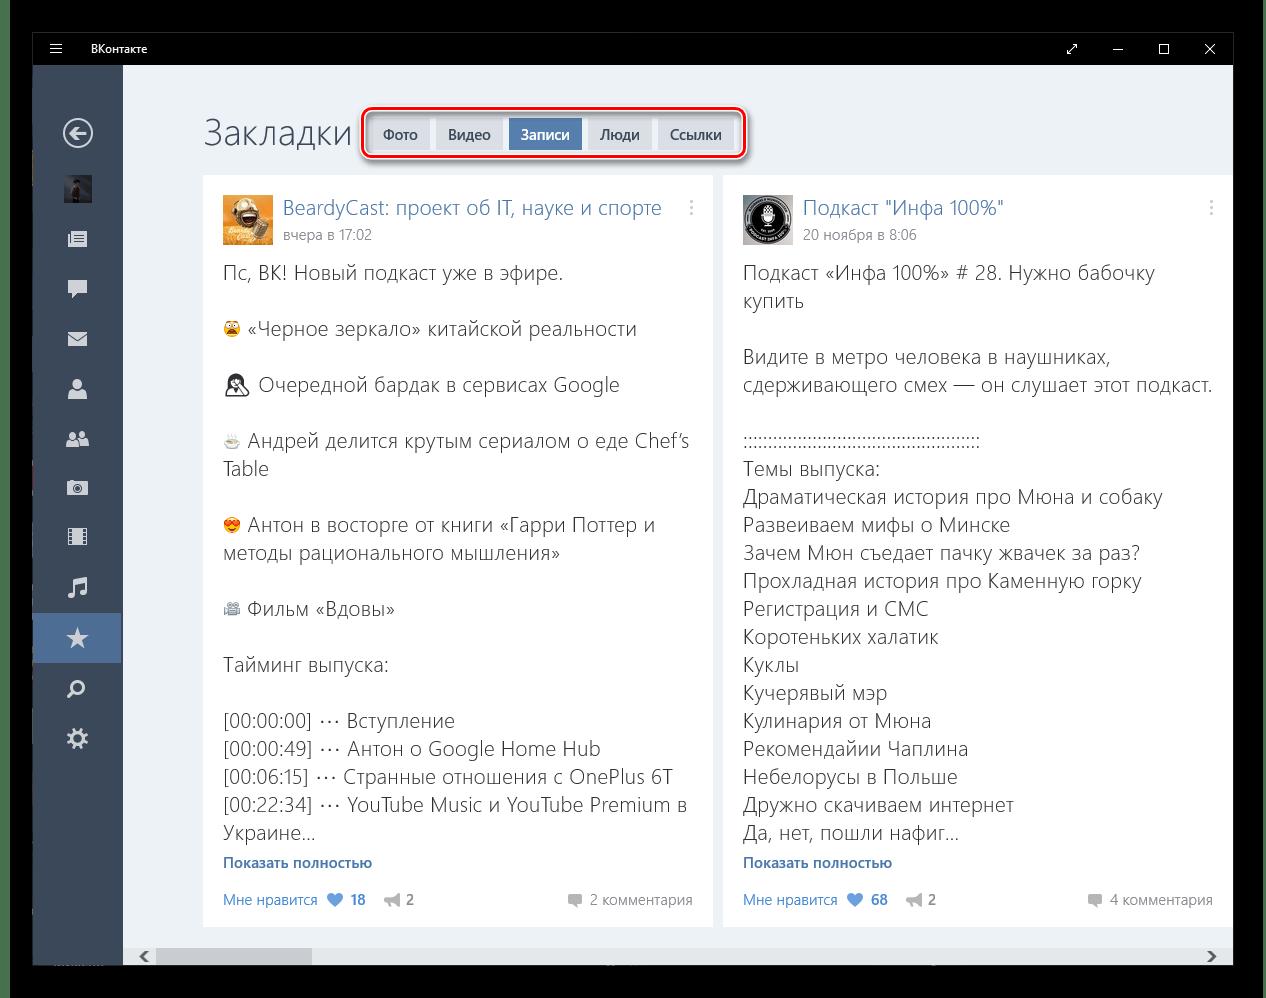 Категории закладок в приложении ВКонтакте для Windows